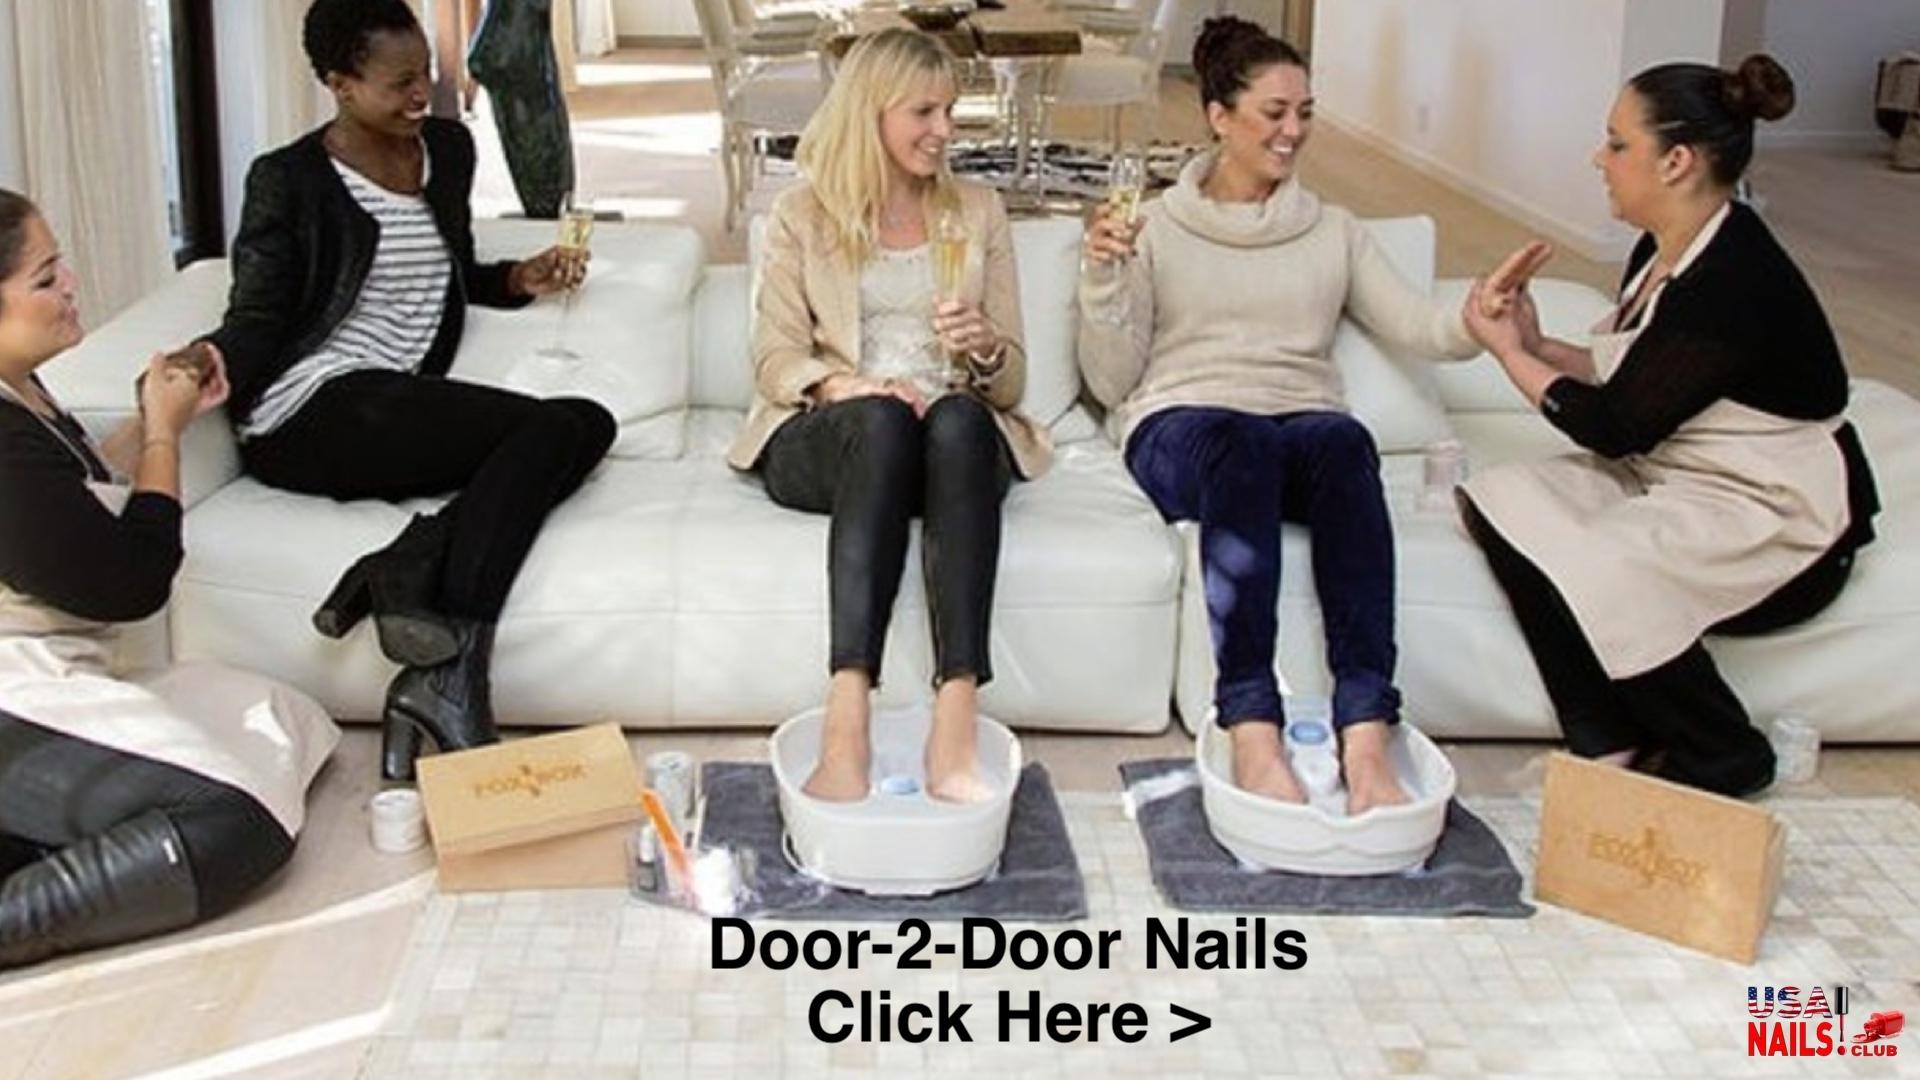 Door-2-Door